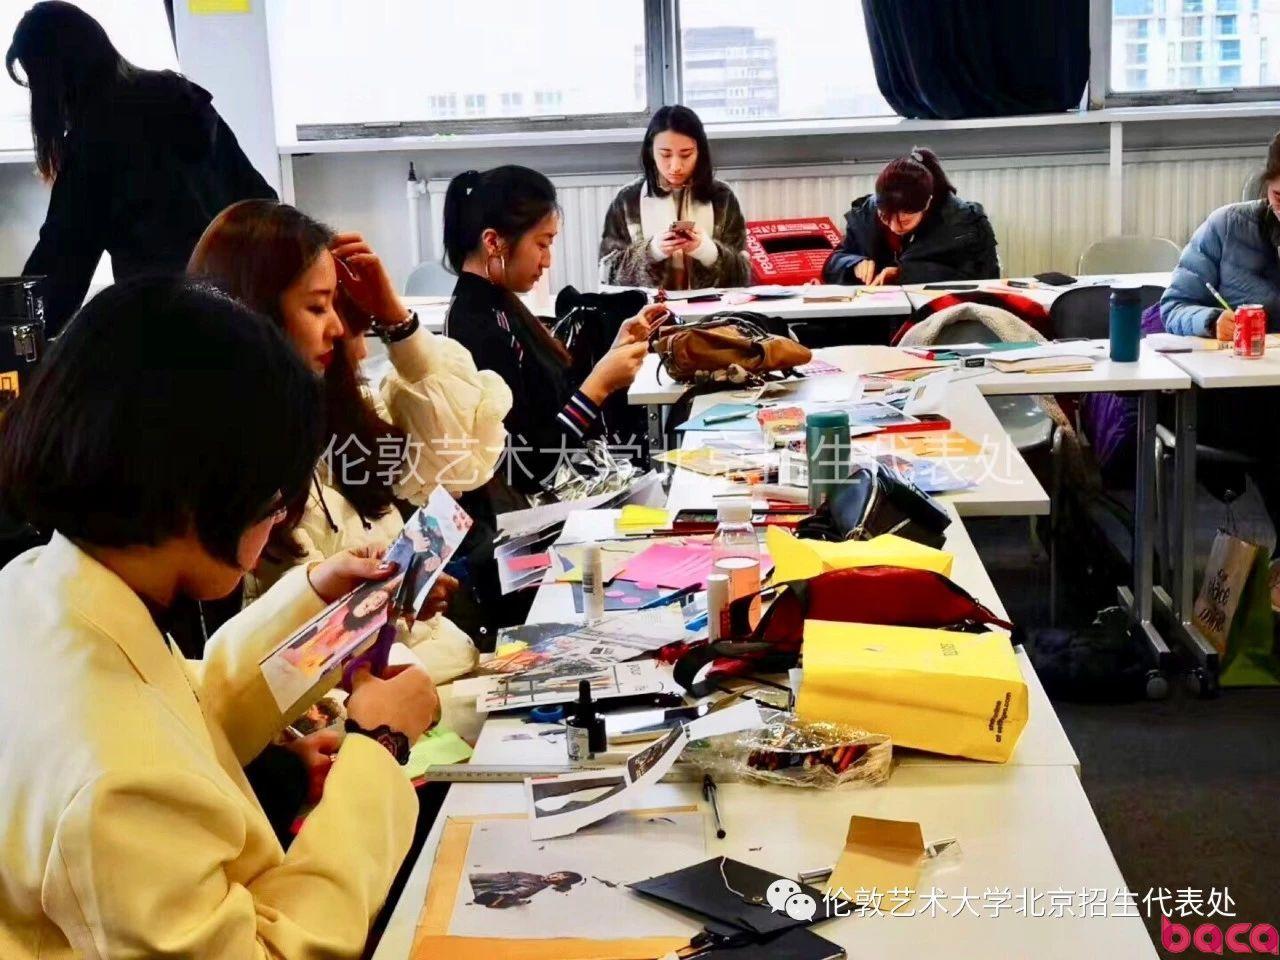 专业的国际艺术高中,成就艺术生未来。|BACA资讯